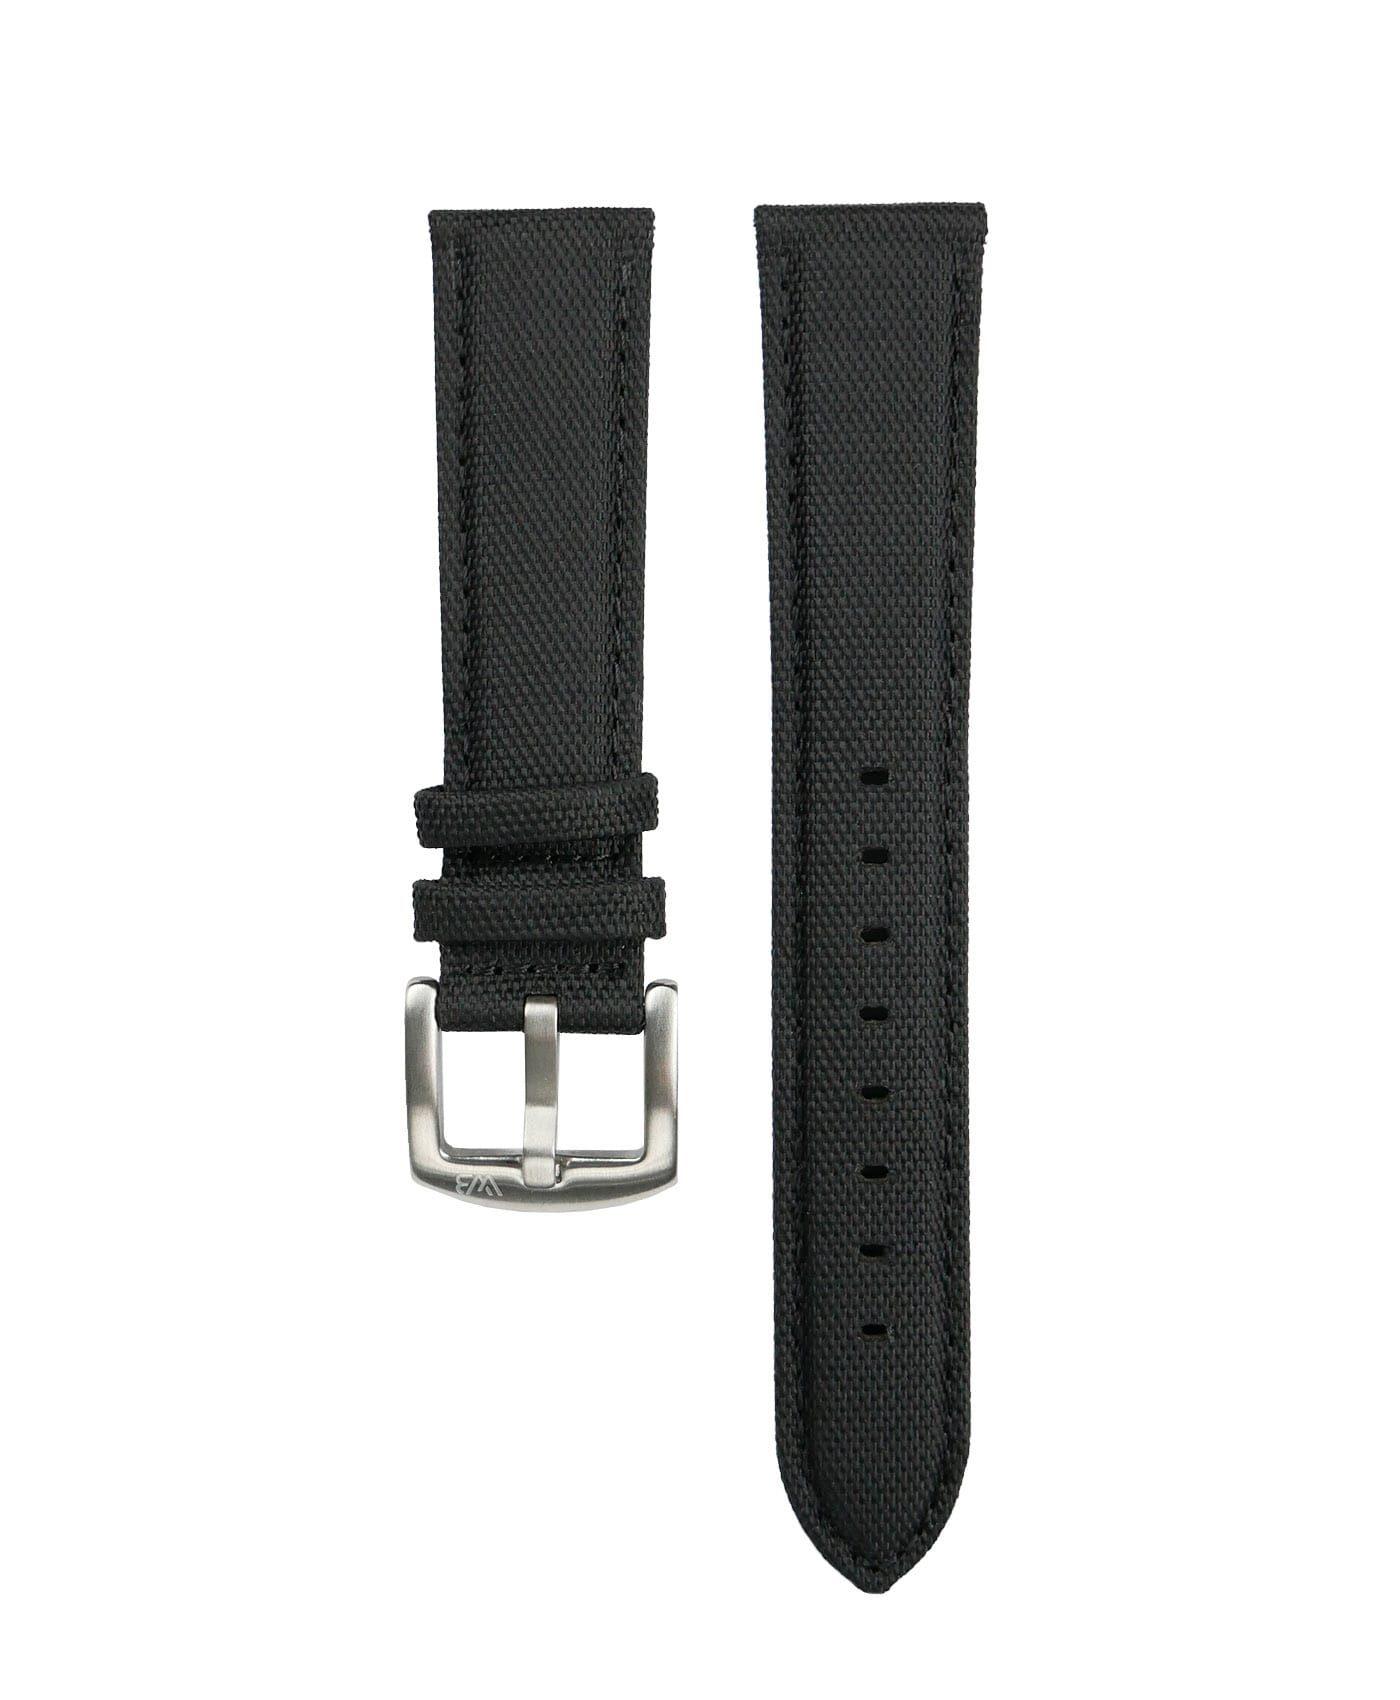 Cordura Watch Strap Black by Watchbandit